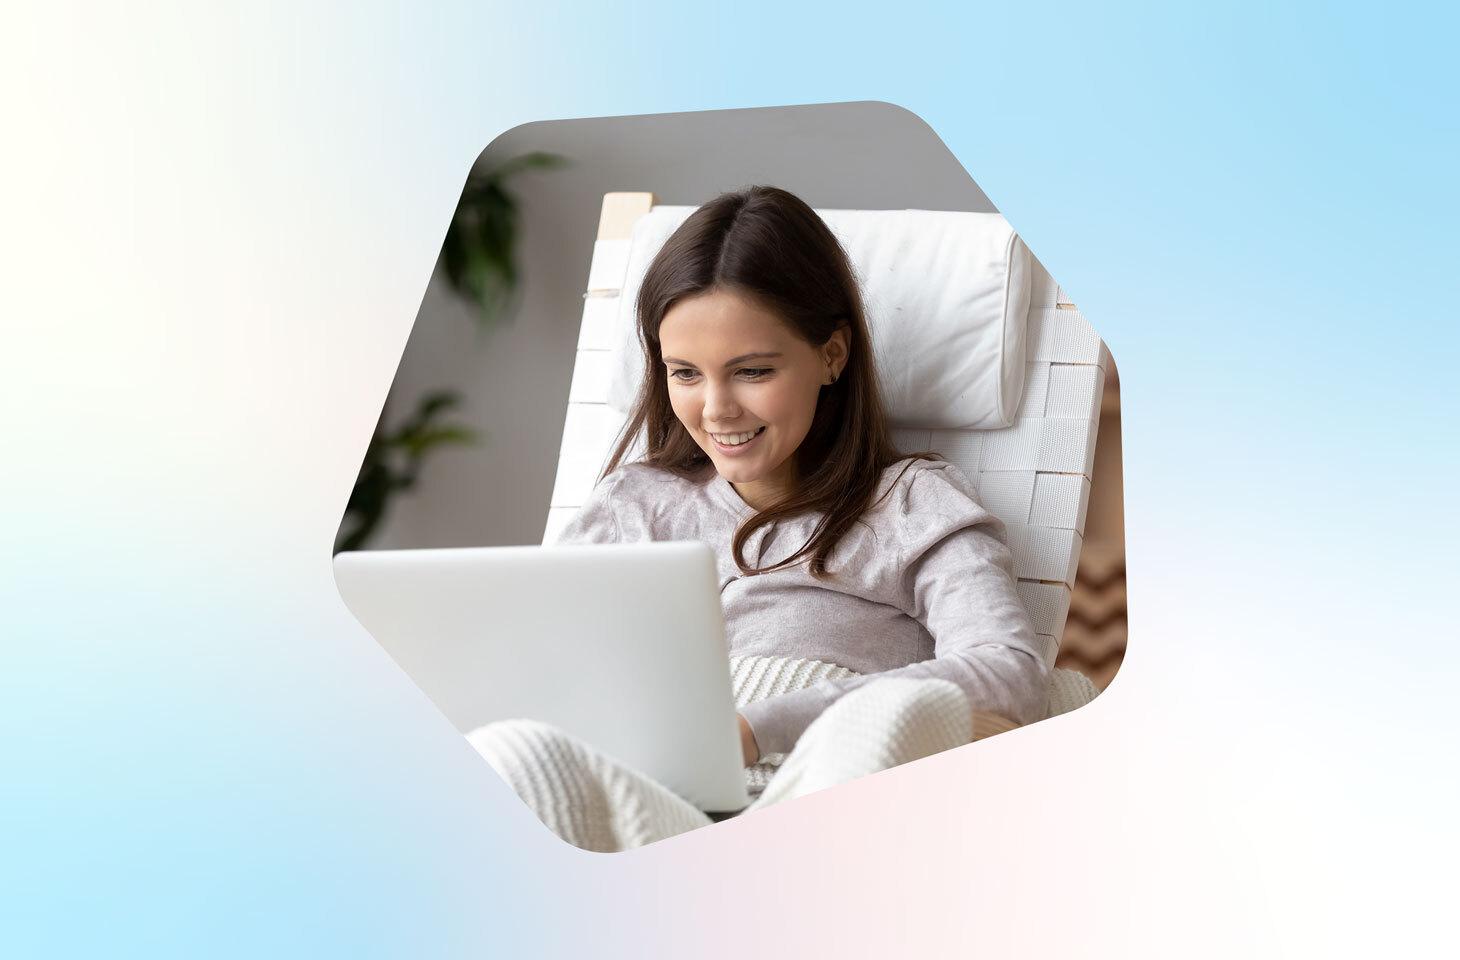 Torne o trabalho híbrido eficaz e seguro em casa e no escritório